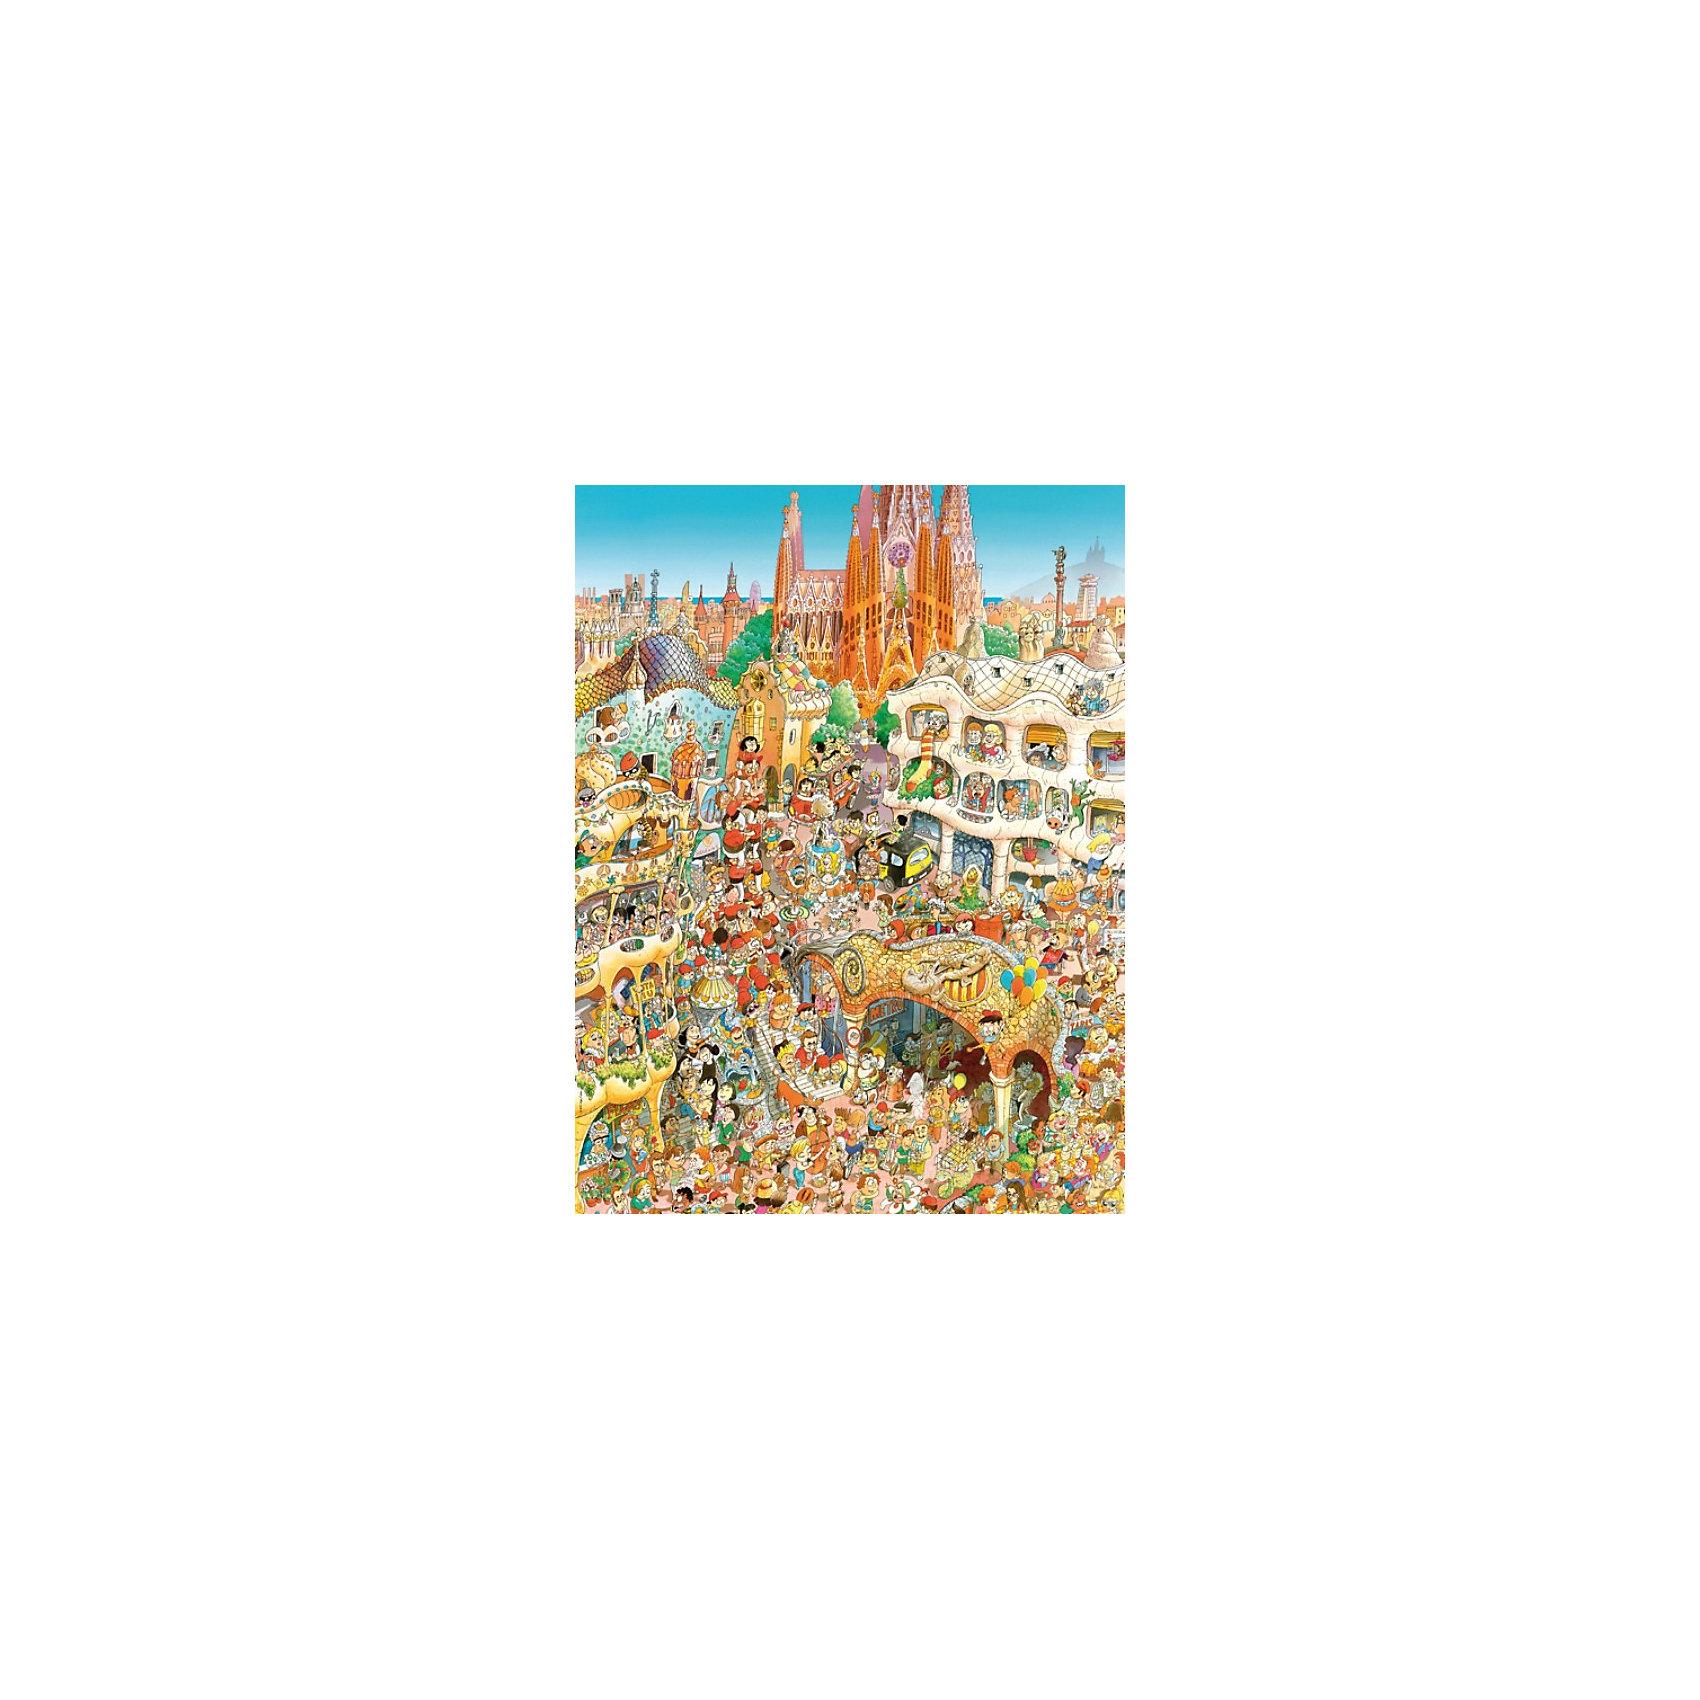 Настольная игра Барселона, 1500 деталей, Prades, Пазл